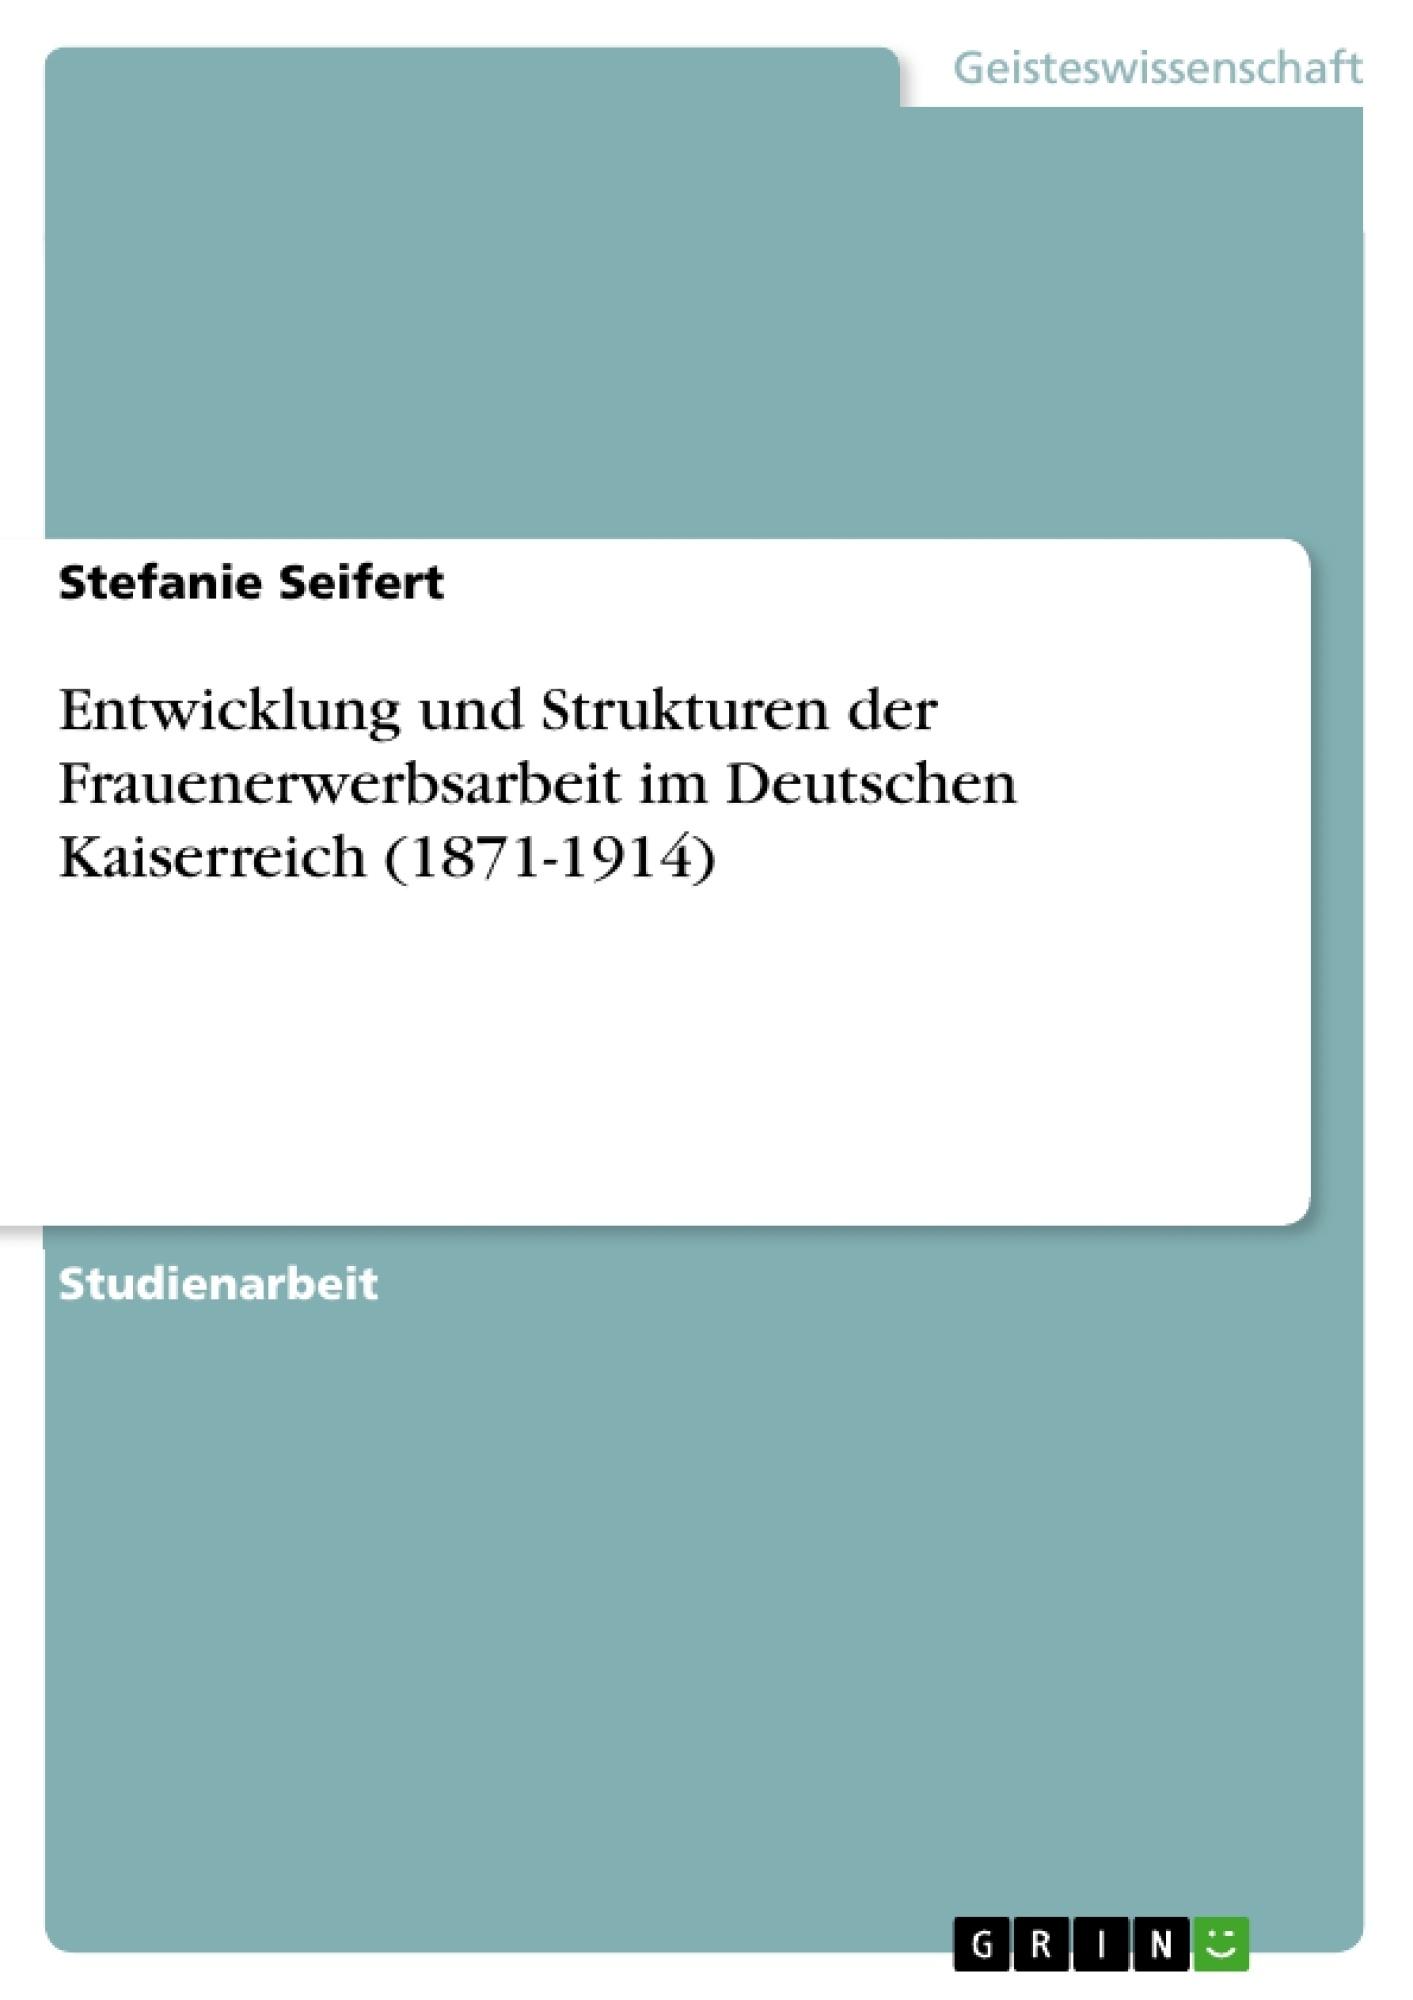 Titel: Entwicklung und Strukturen der Frauenerwerbsarbeit  im Deutschen Kaiserreich (1871-1914)